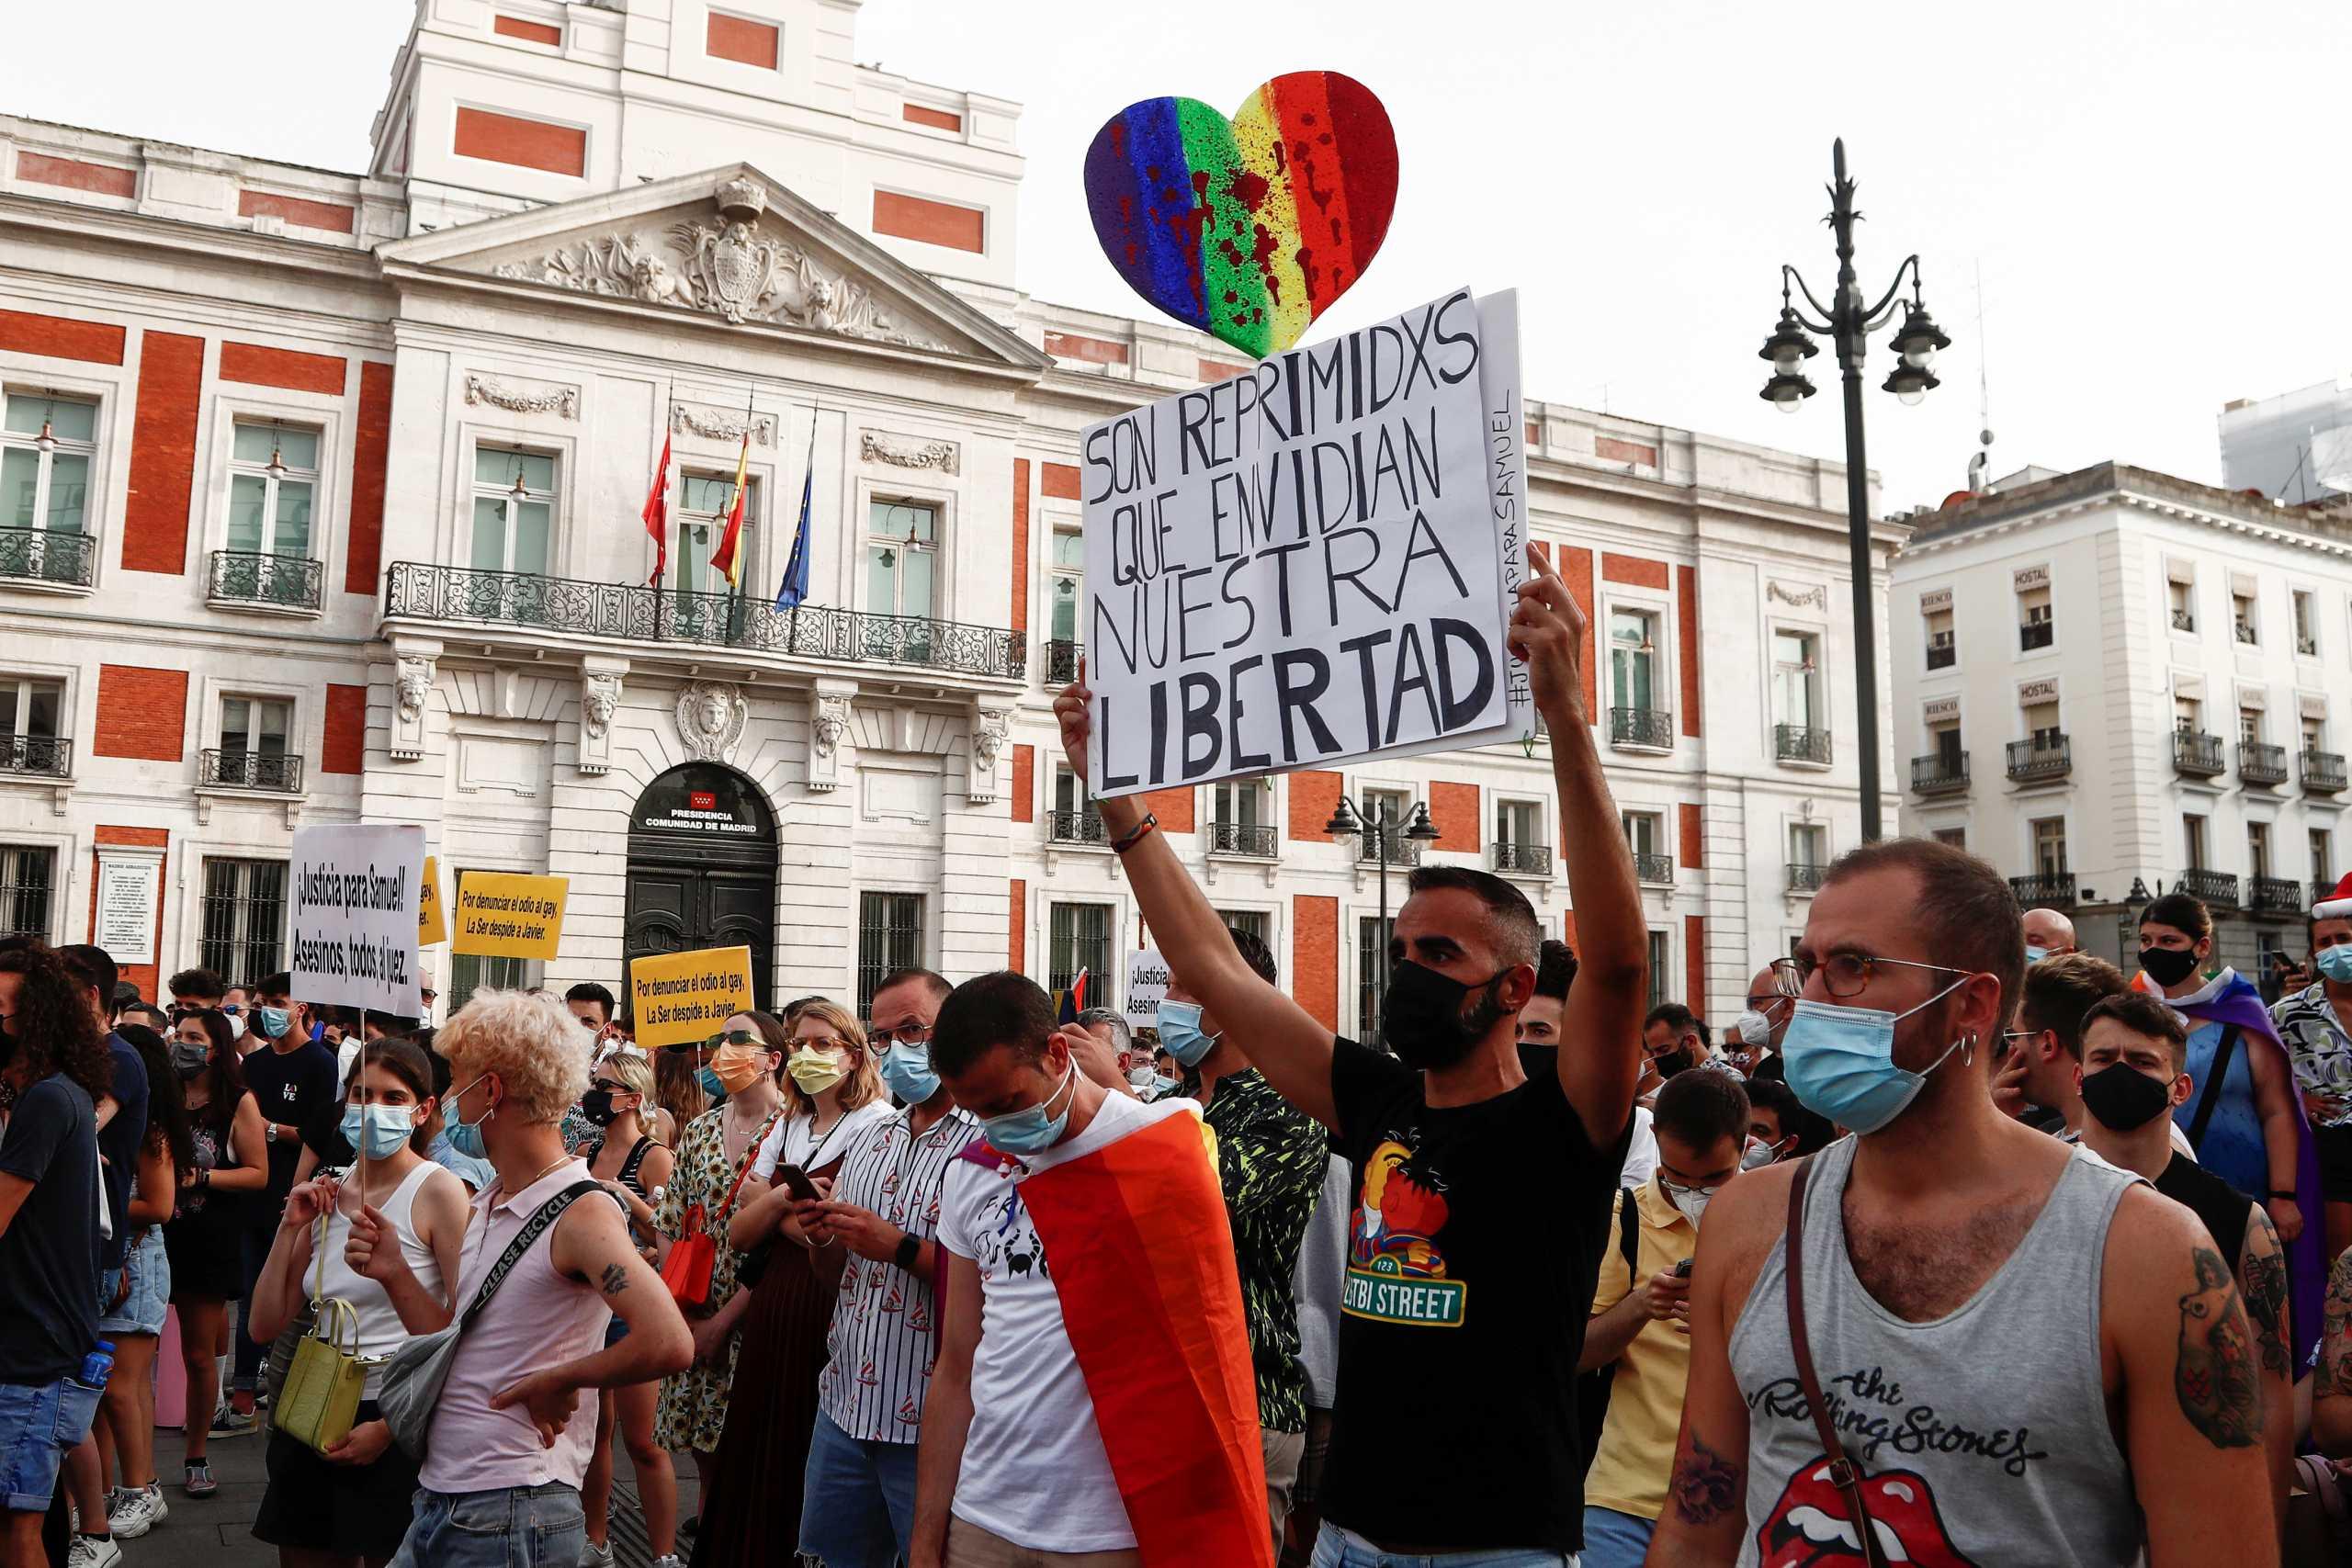 Ισπανία: Νέες μαζικές διαδηλώσεις κατά της ομοφοβίας μετά την δολοφονία του Σαμουέλ Λουίζ